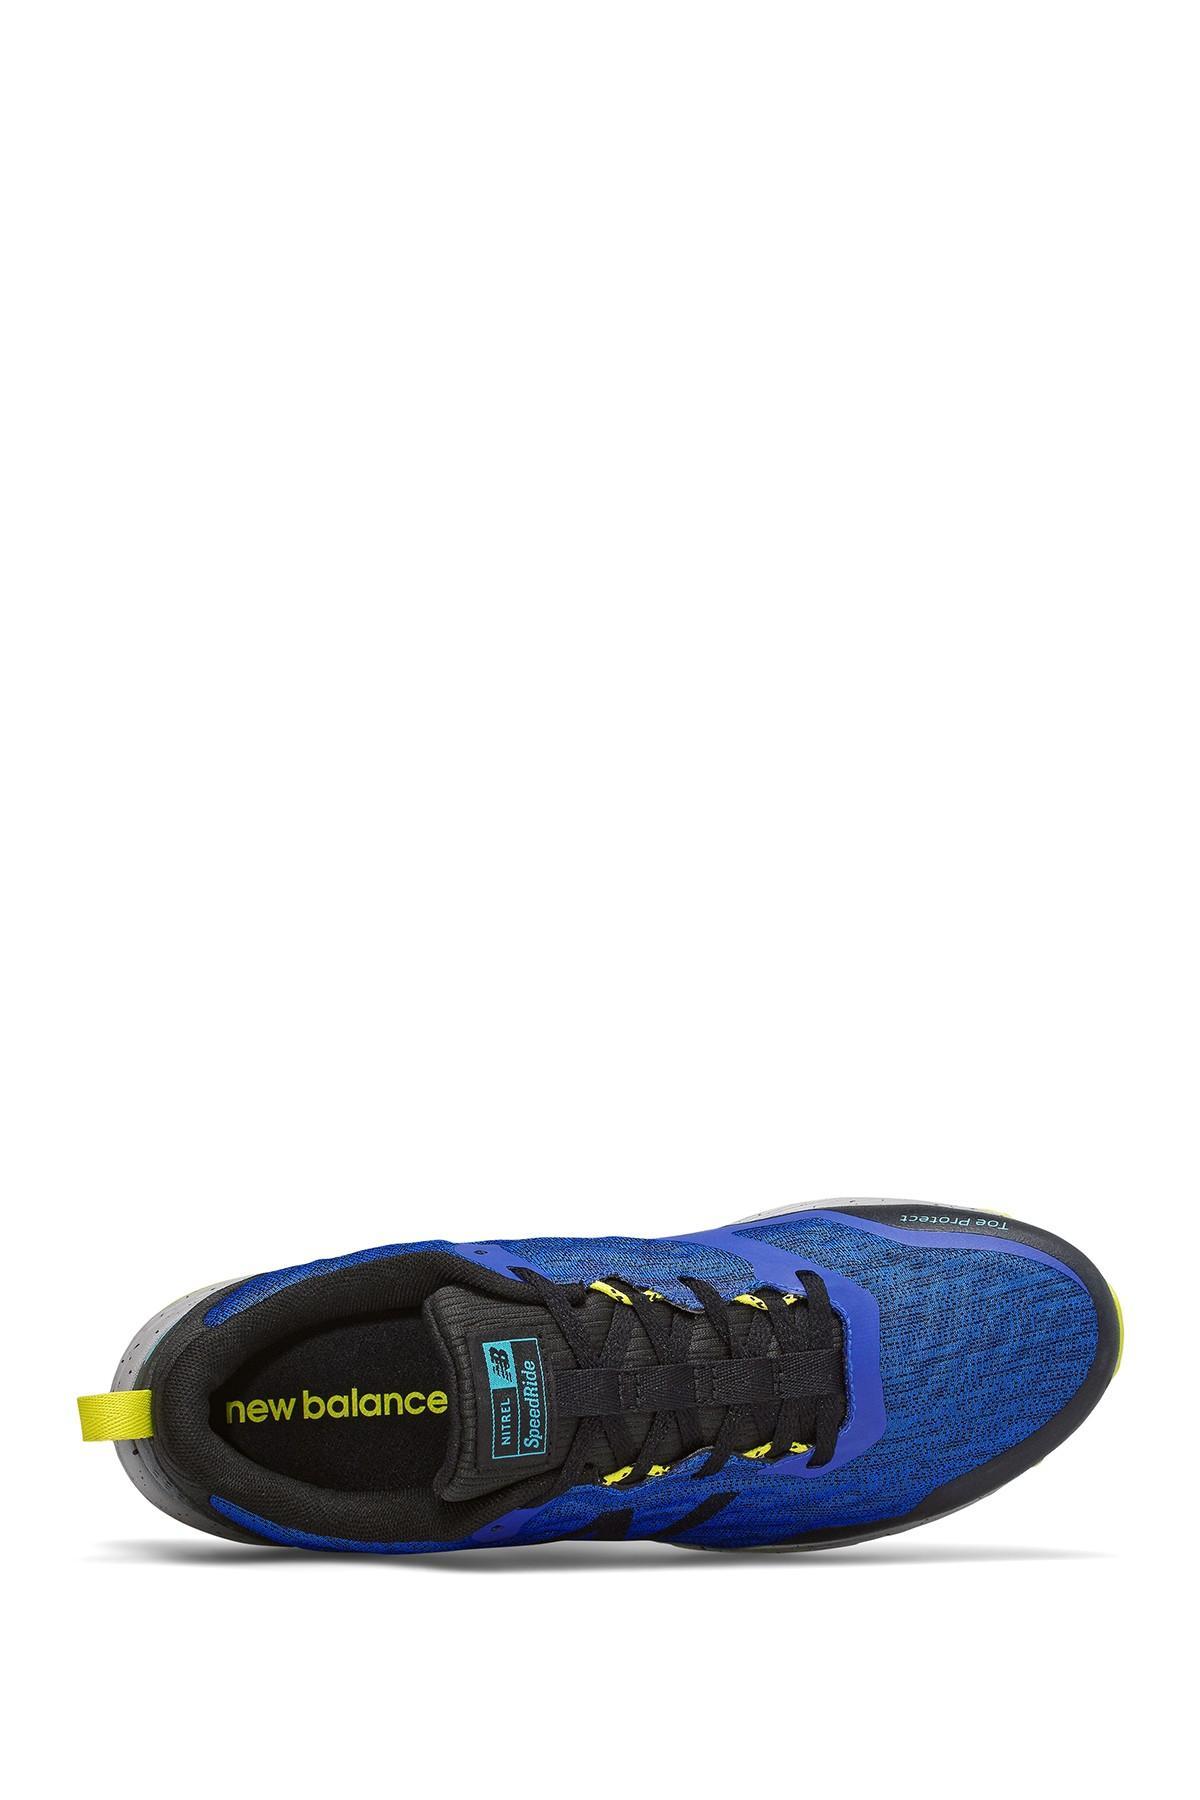 All Terrain Revlite Sneaker in Blue